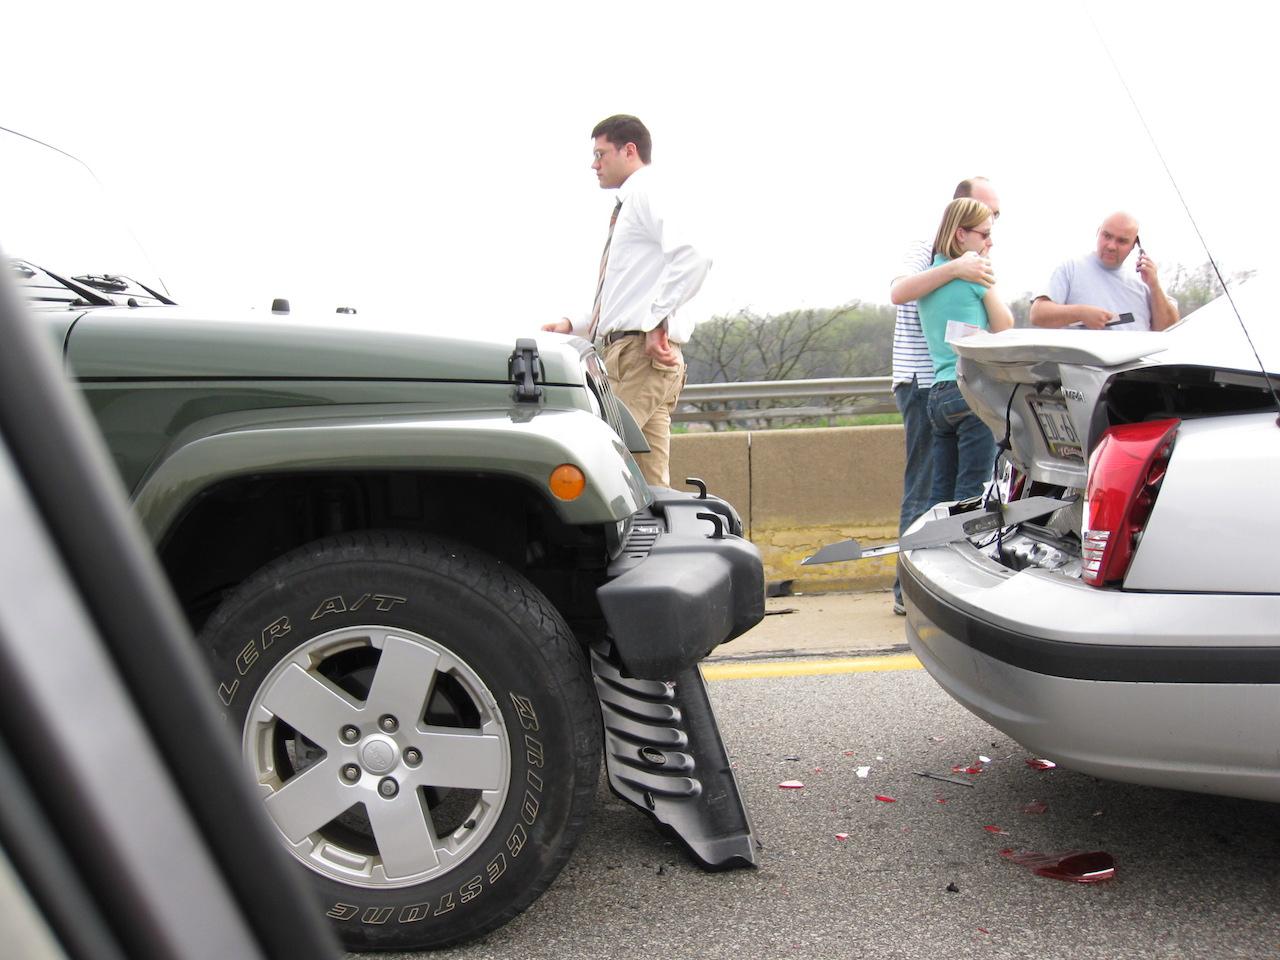 發生車禍該怎麼辦?如何報案?去警局做筆錄要注意什麼?